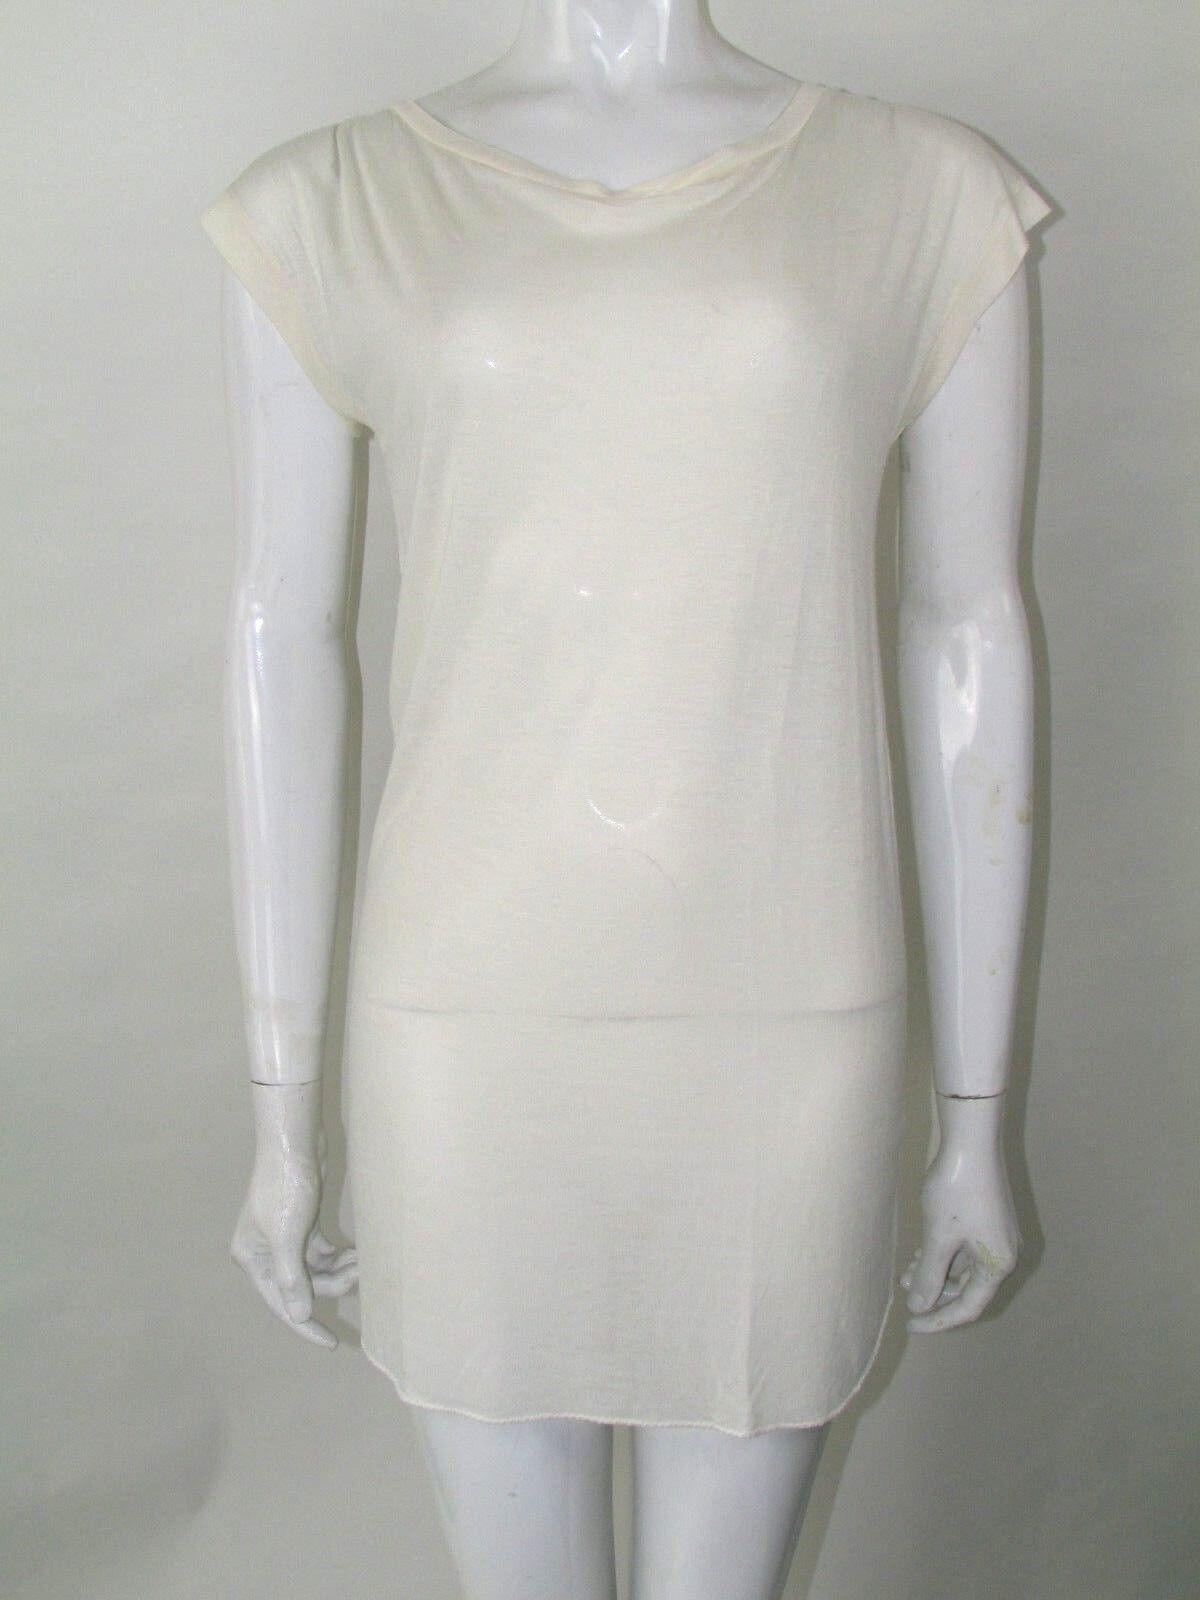 Chloe taglia S blouse Slip Dress Top Avorio